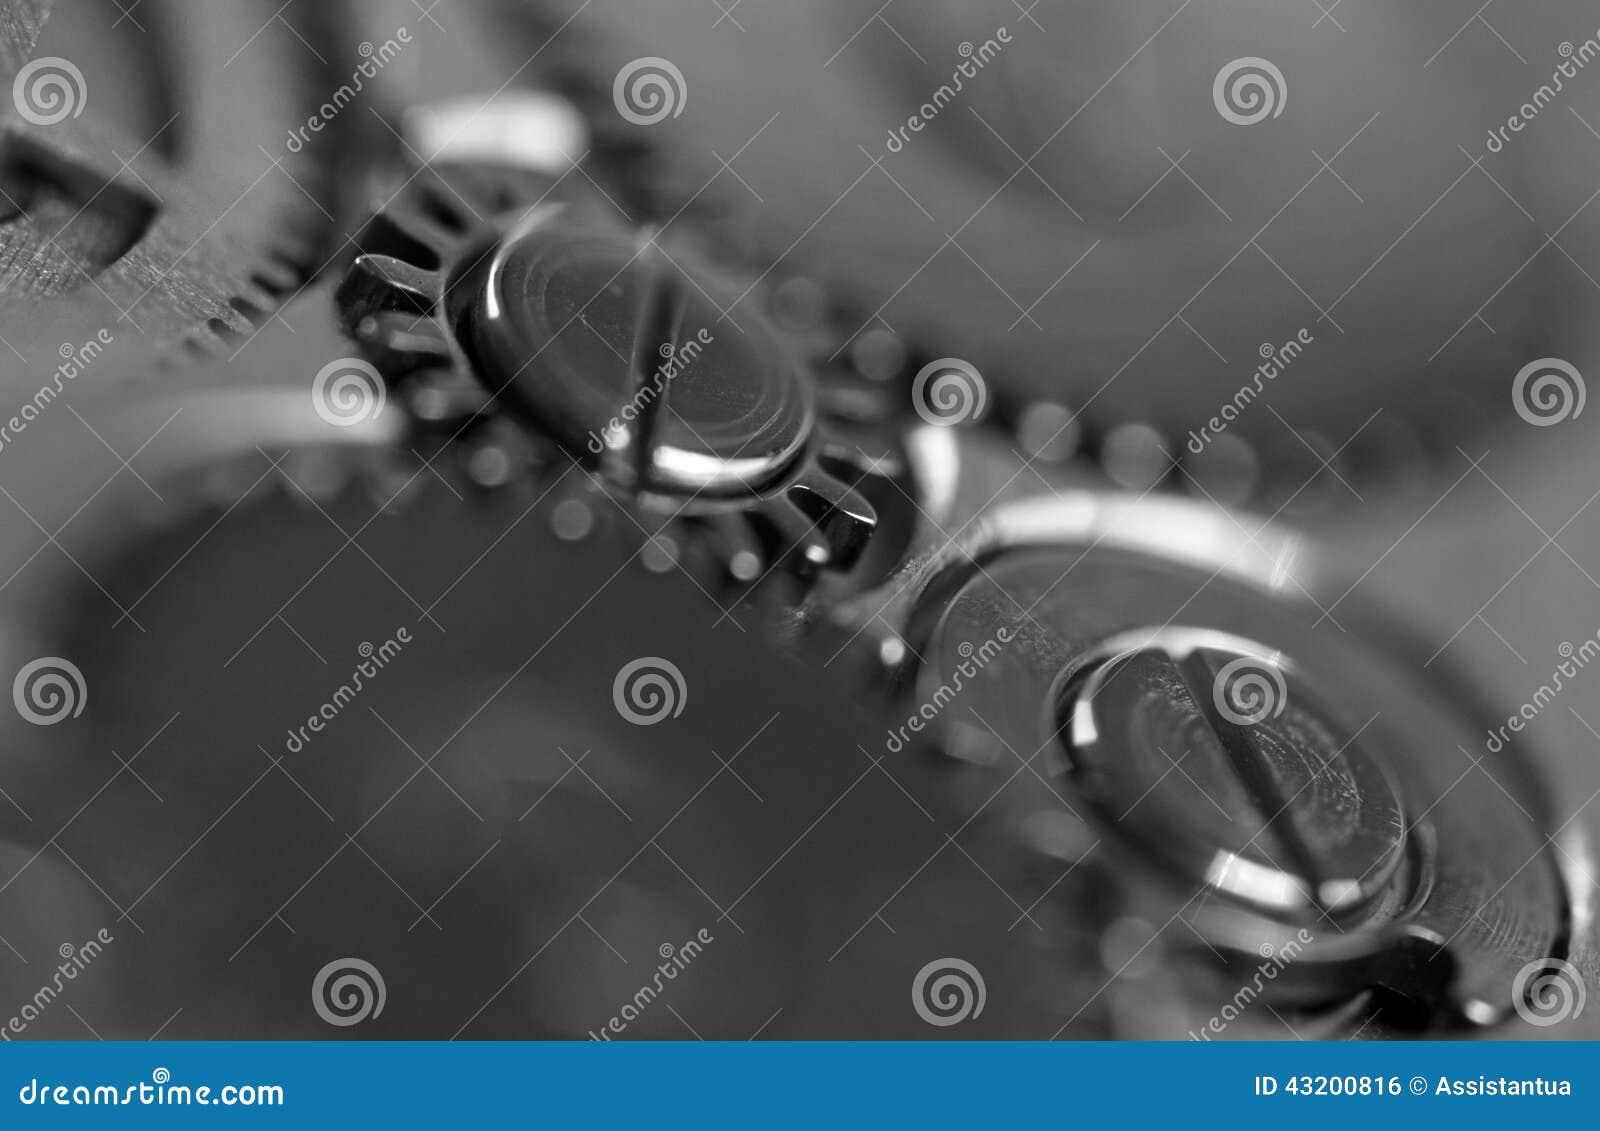 Download Metallkugghjulhjul Som är Svartvitt Makro Stock Illustrationer - Illustration av mover, långsamt: 43200816